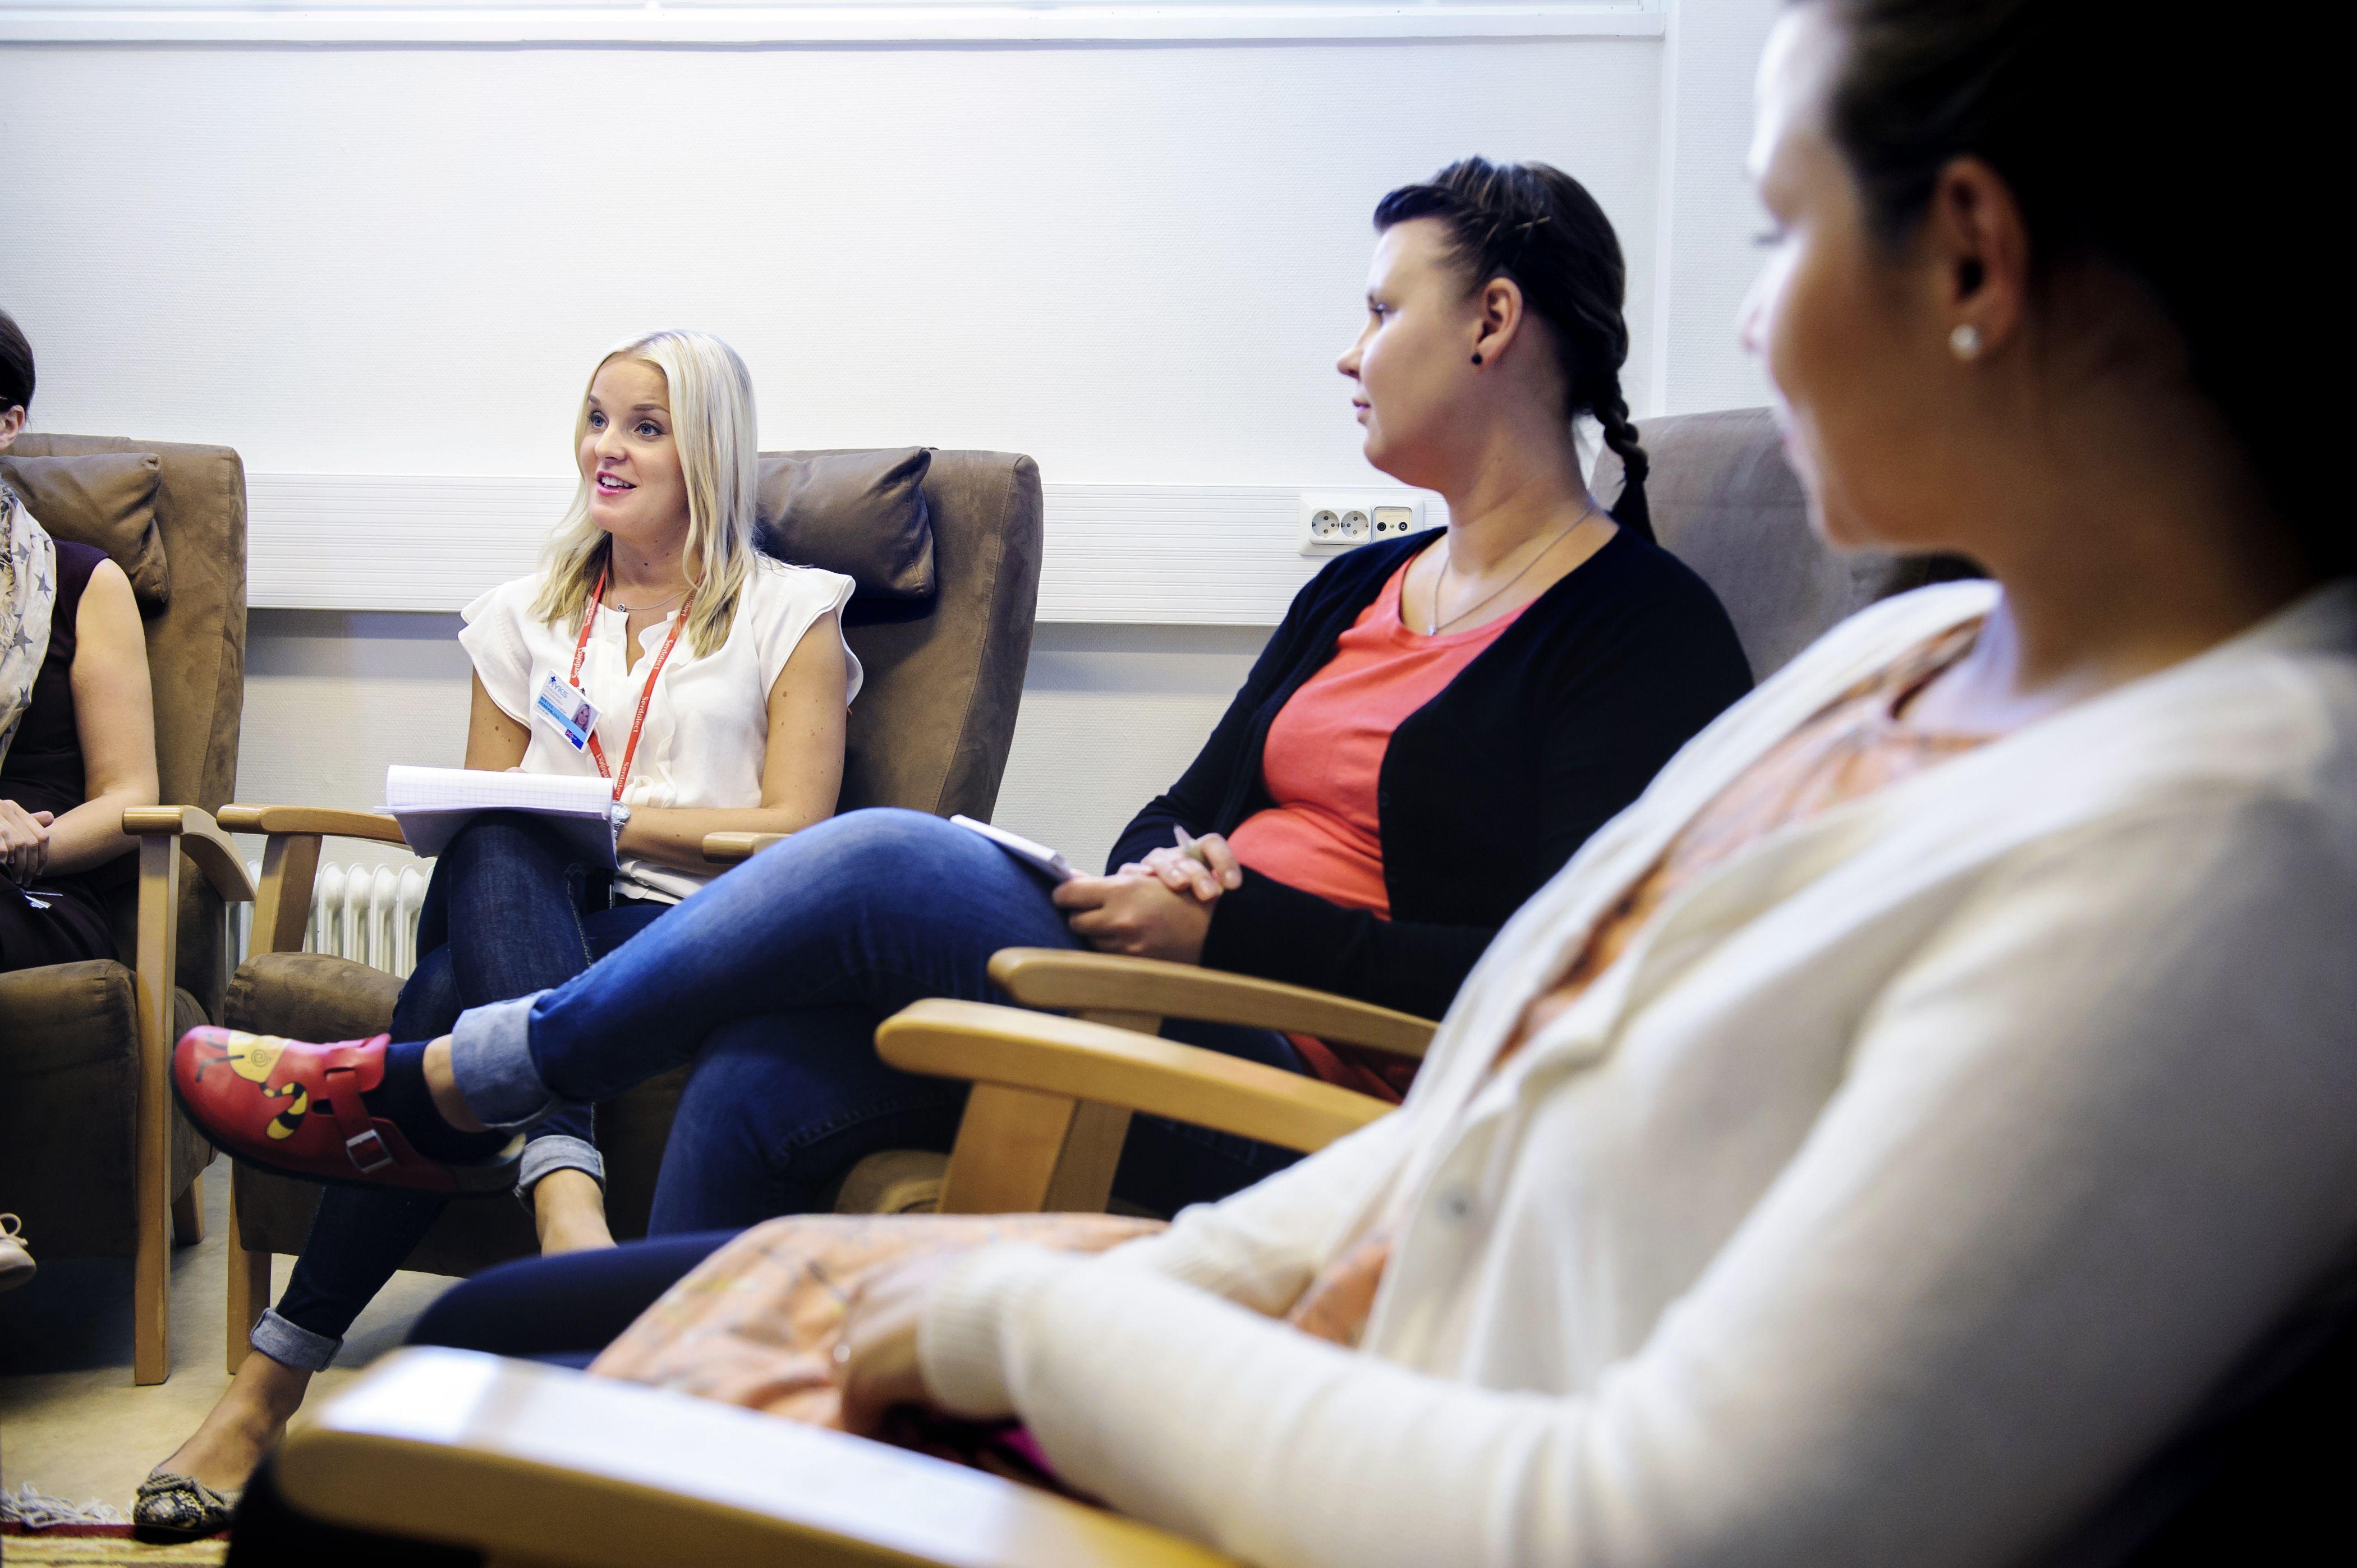 Hoitoon osallistuvat ammattilaiset ovat mukana nuoren osastolle tultaessa pidettävässä tapaamisessa. Osastolle tullaan pääosin nuorisopsykiatrian poliklinikan lähetteellä.